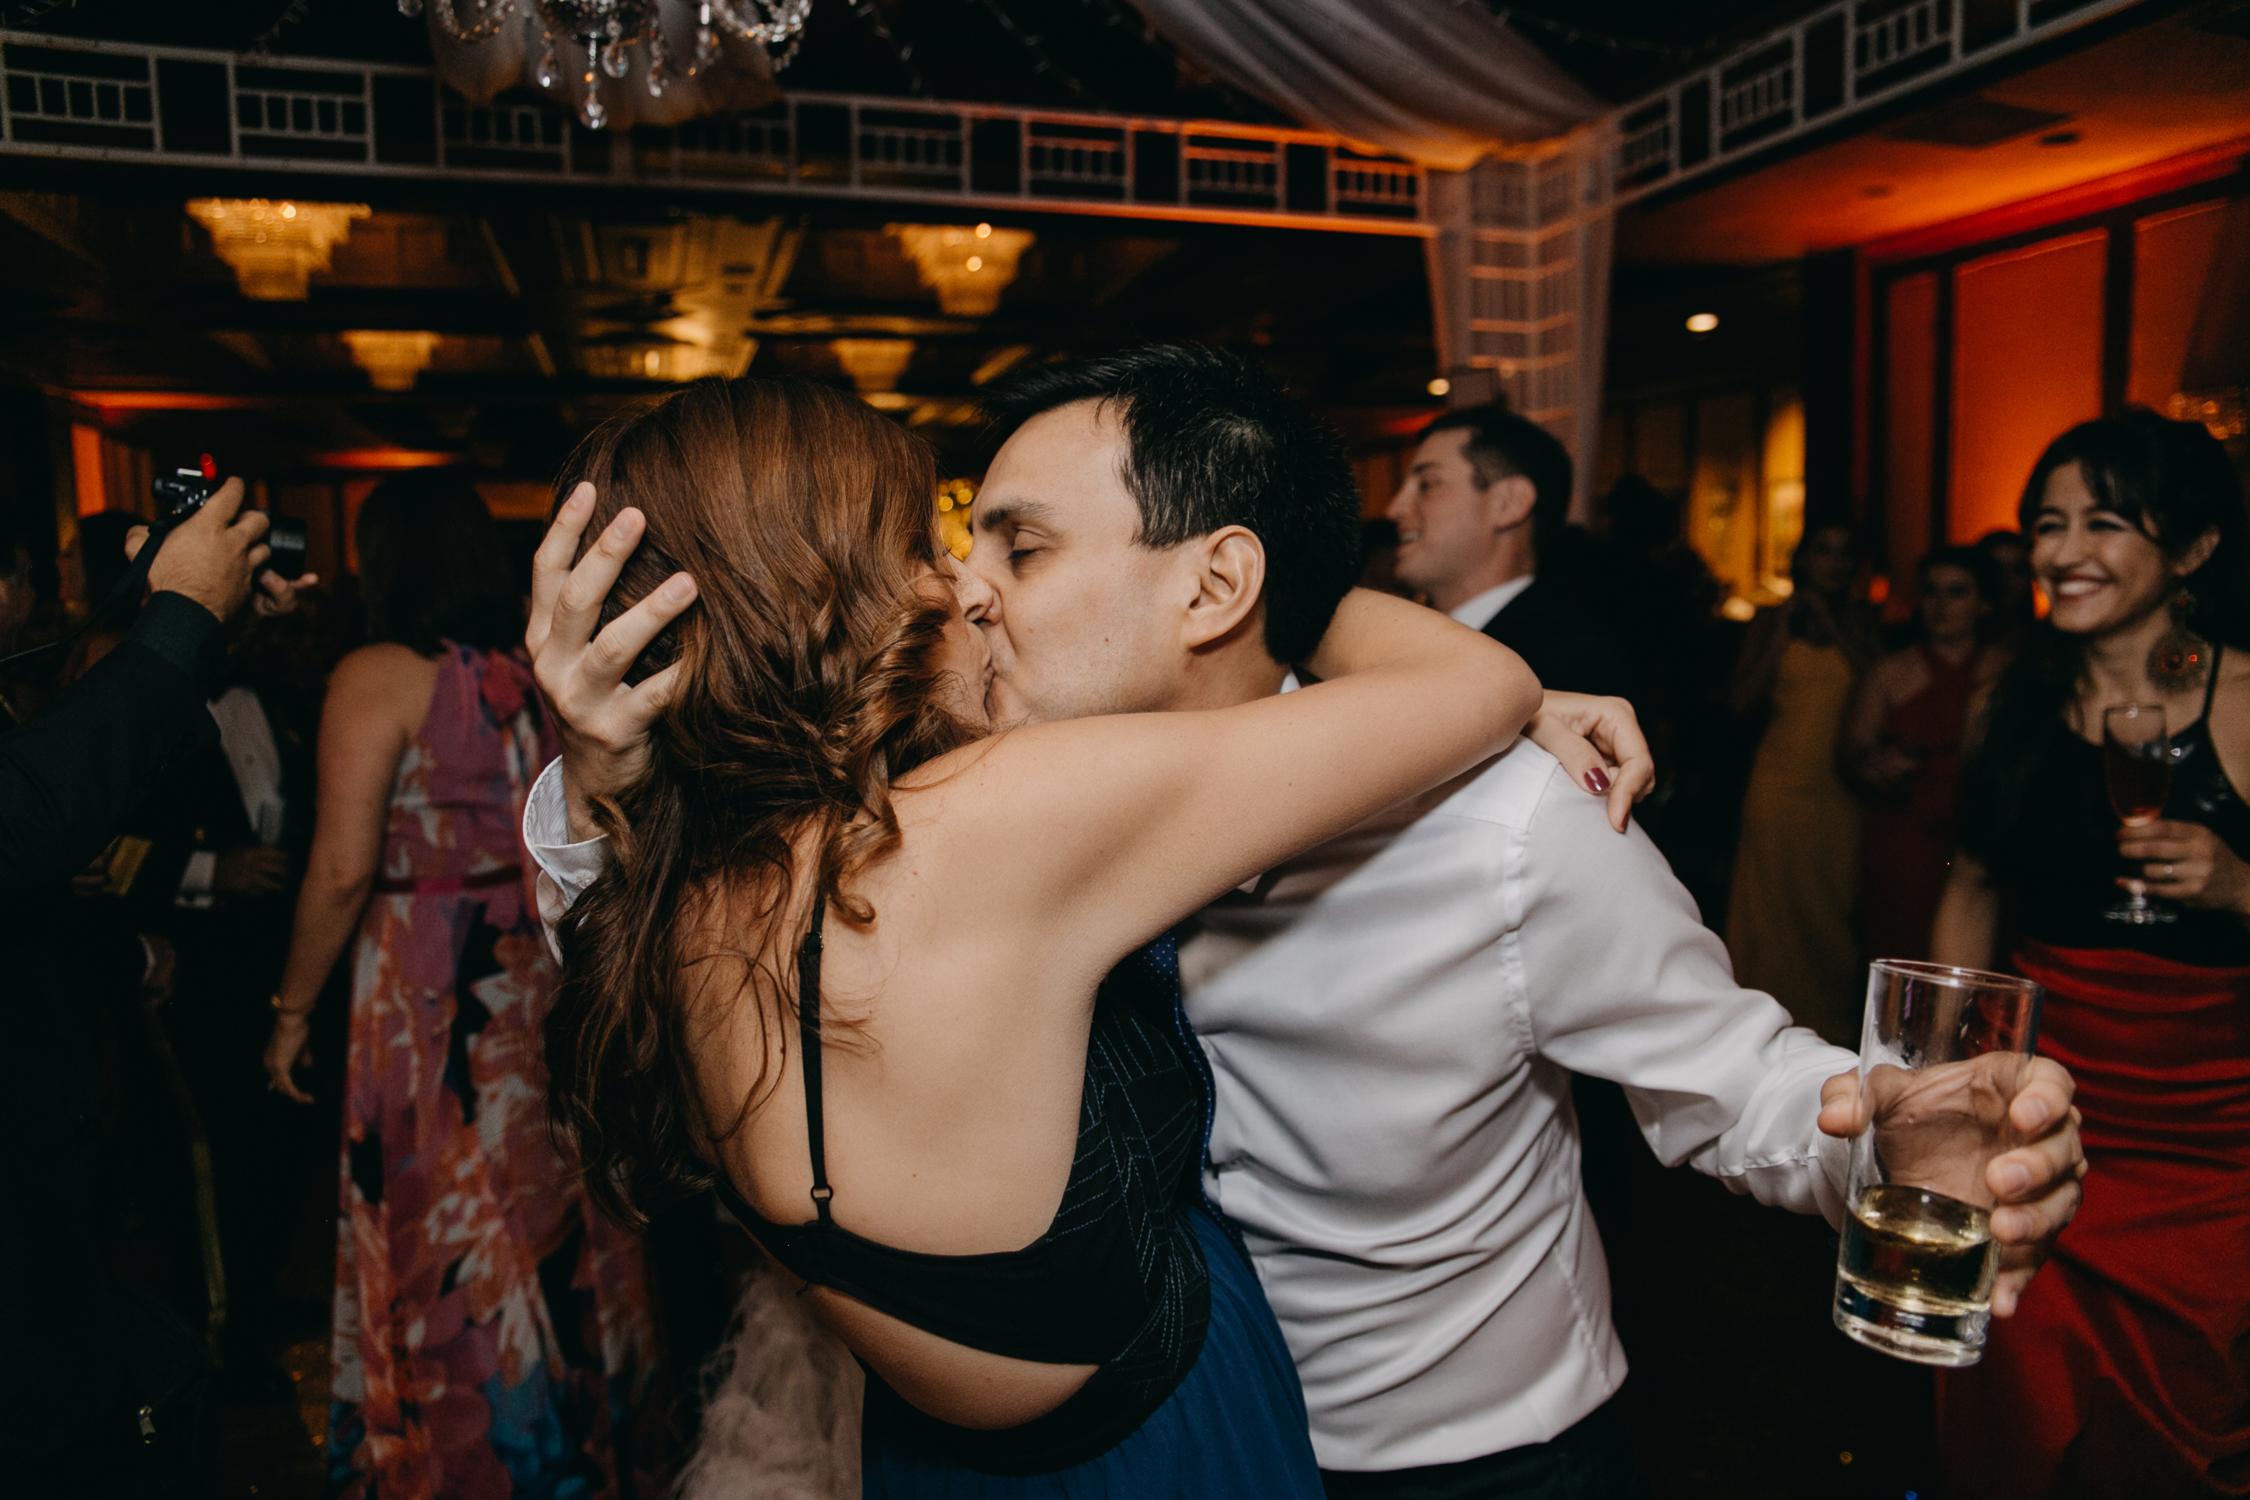 Michelle-Agurto-Fotografia-Bodas-Ecuador-Destination-Wedding-Photographer-Ecuador-Mercedes-Alvaro-287.JPG